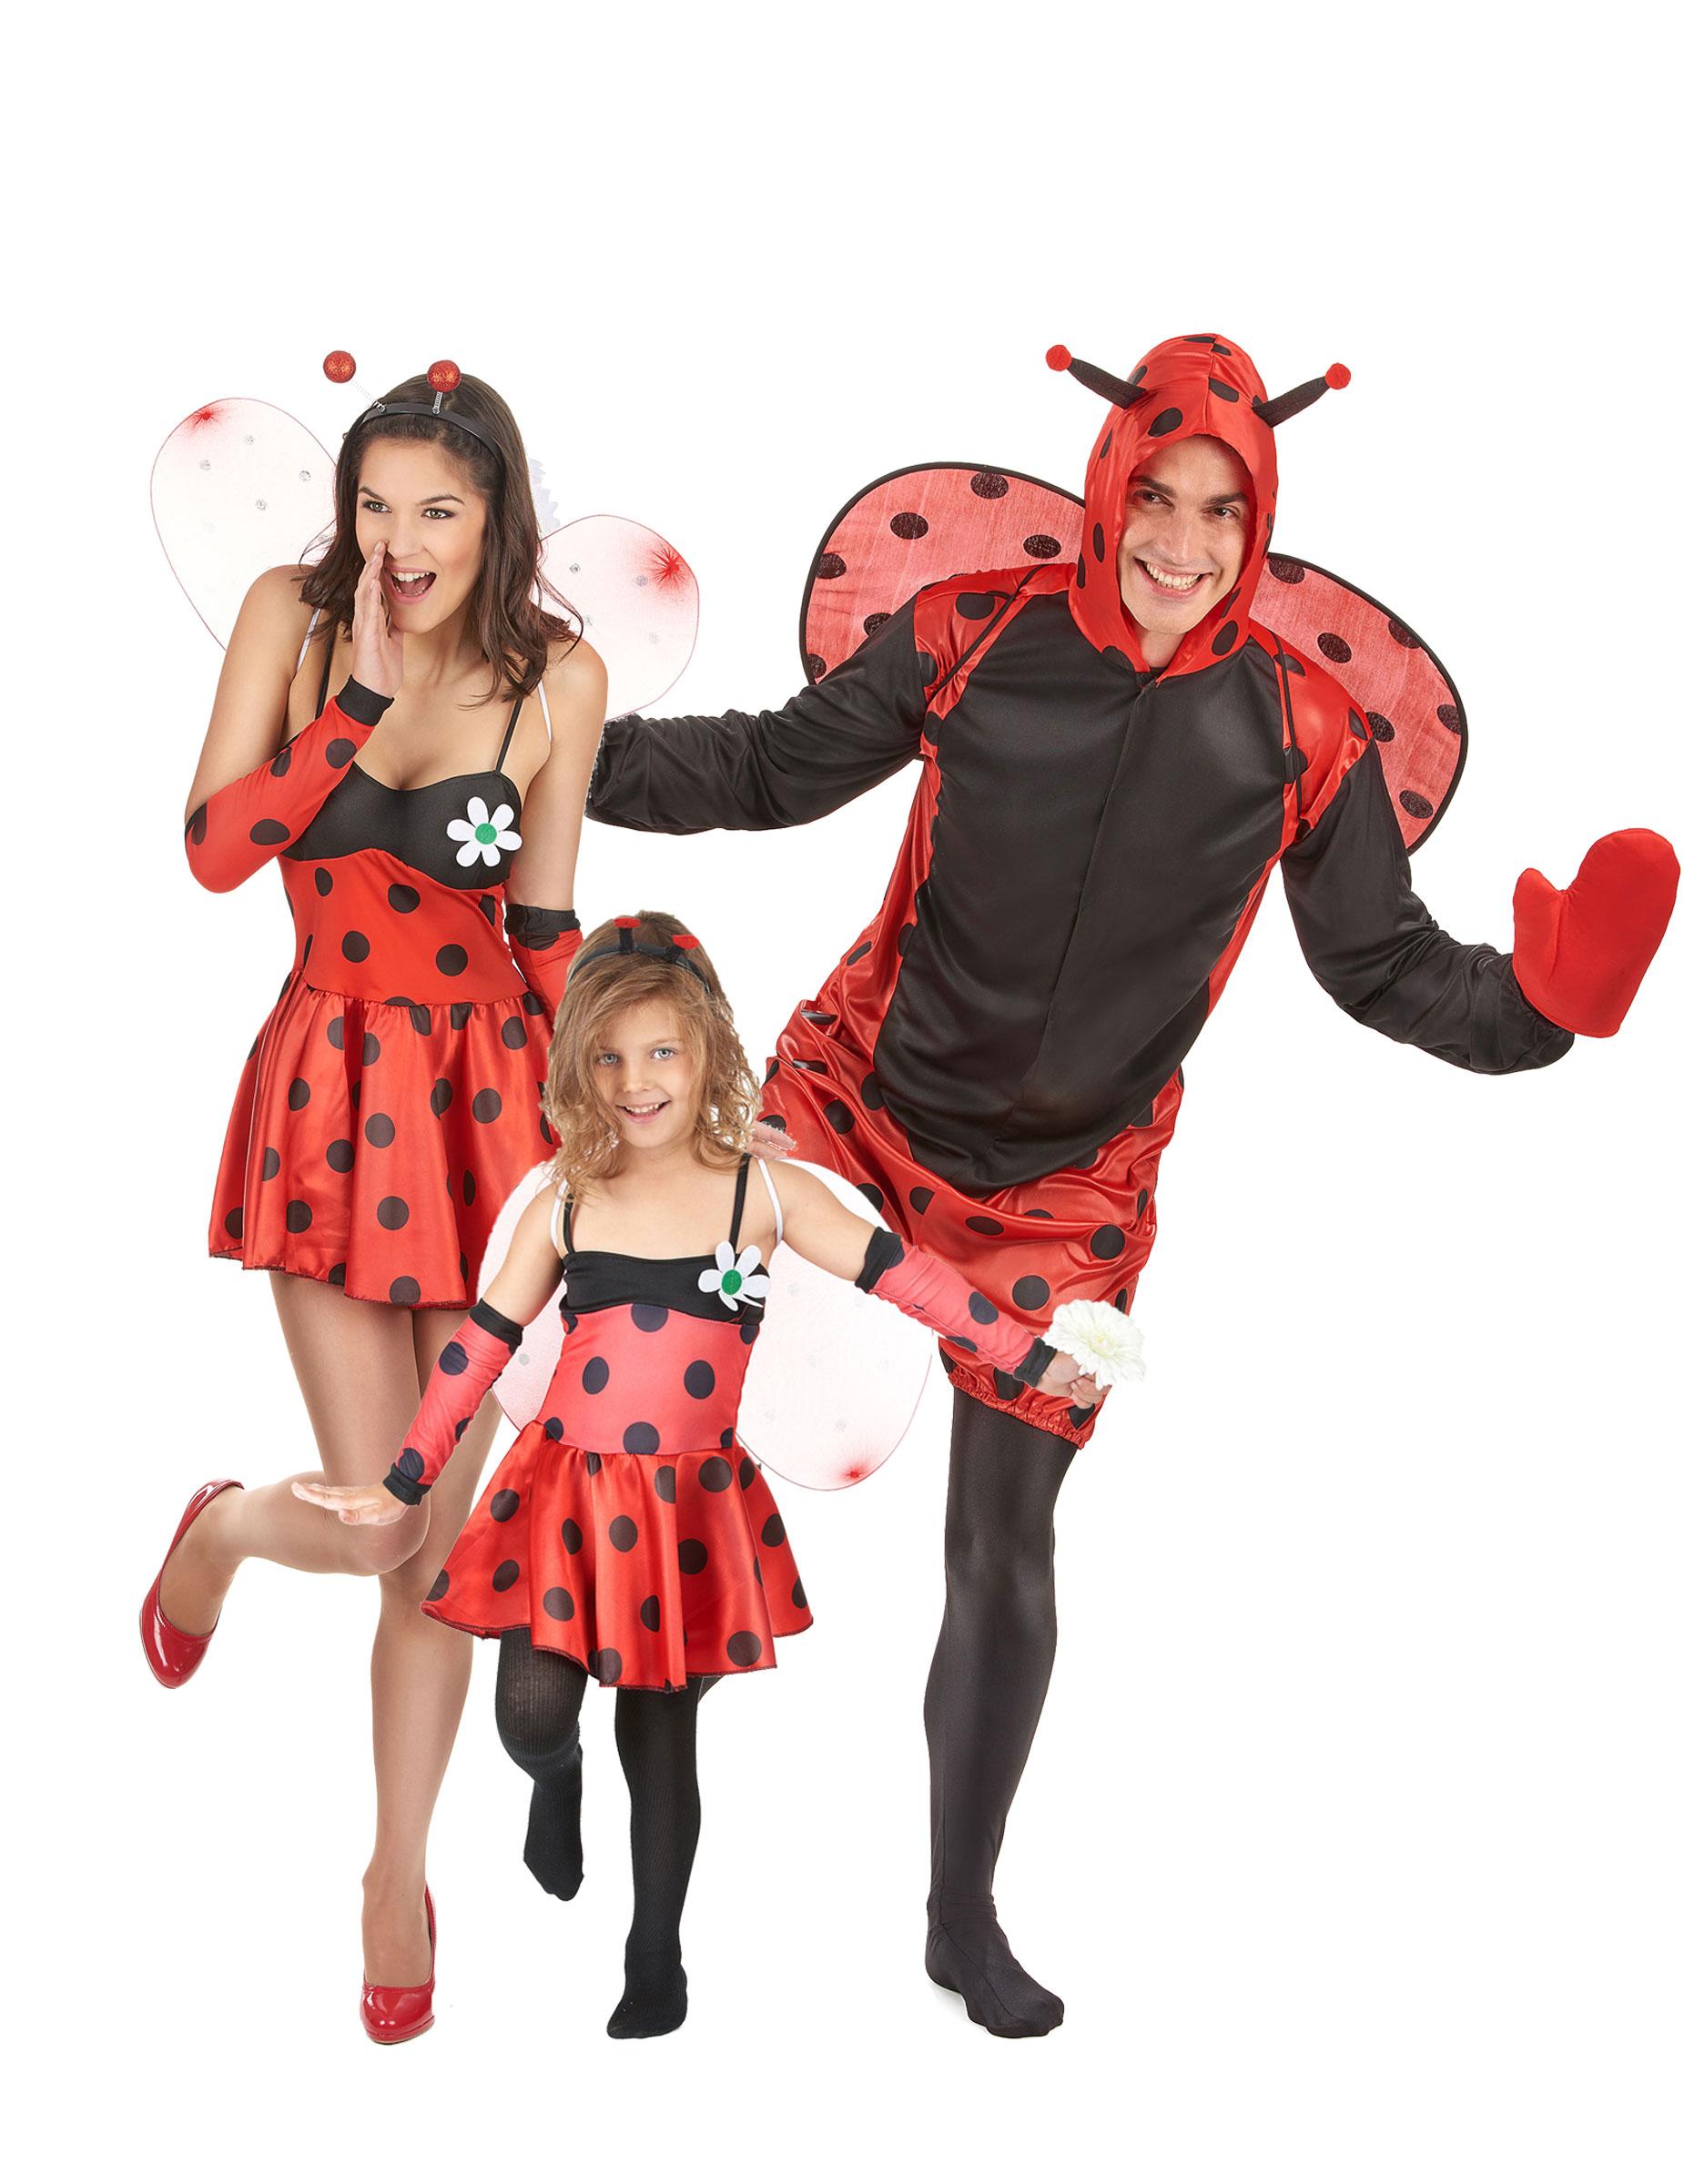 Putziges Marienkafer Familien Kostum Set Rot Schwarz